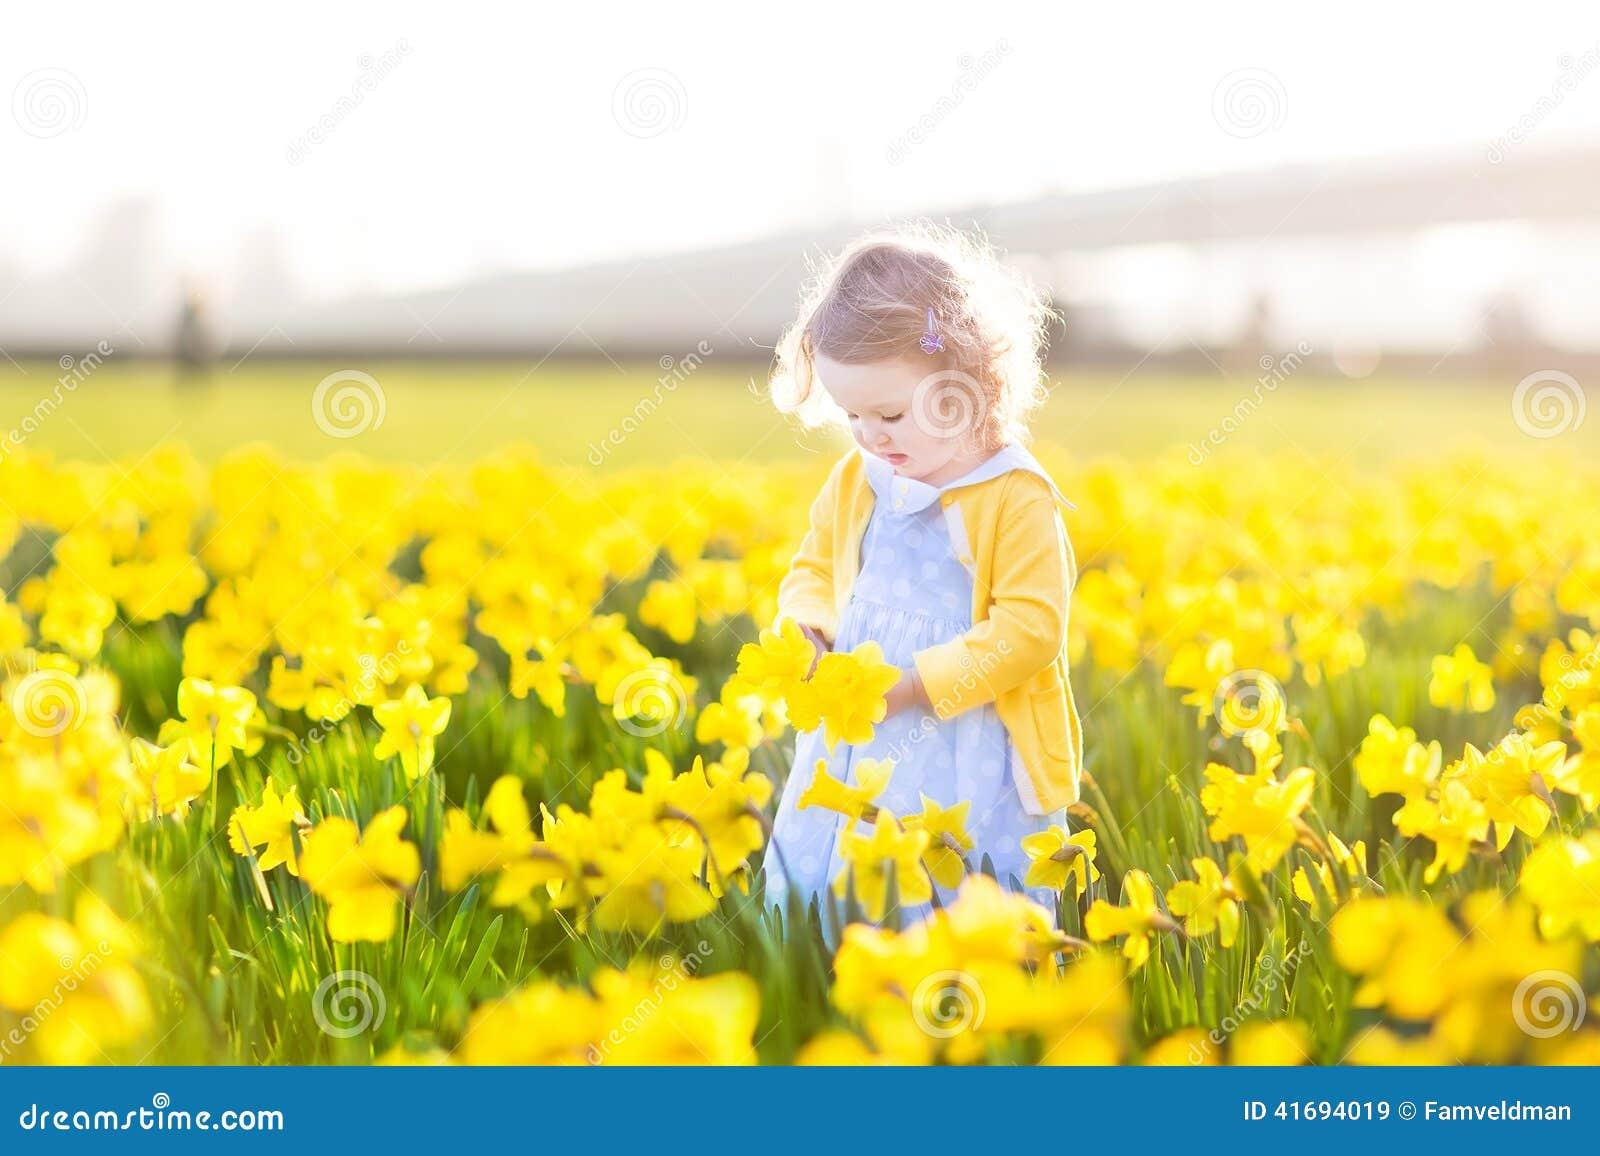 Nude Girl In A Field Little Flowers